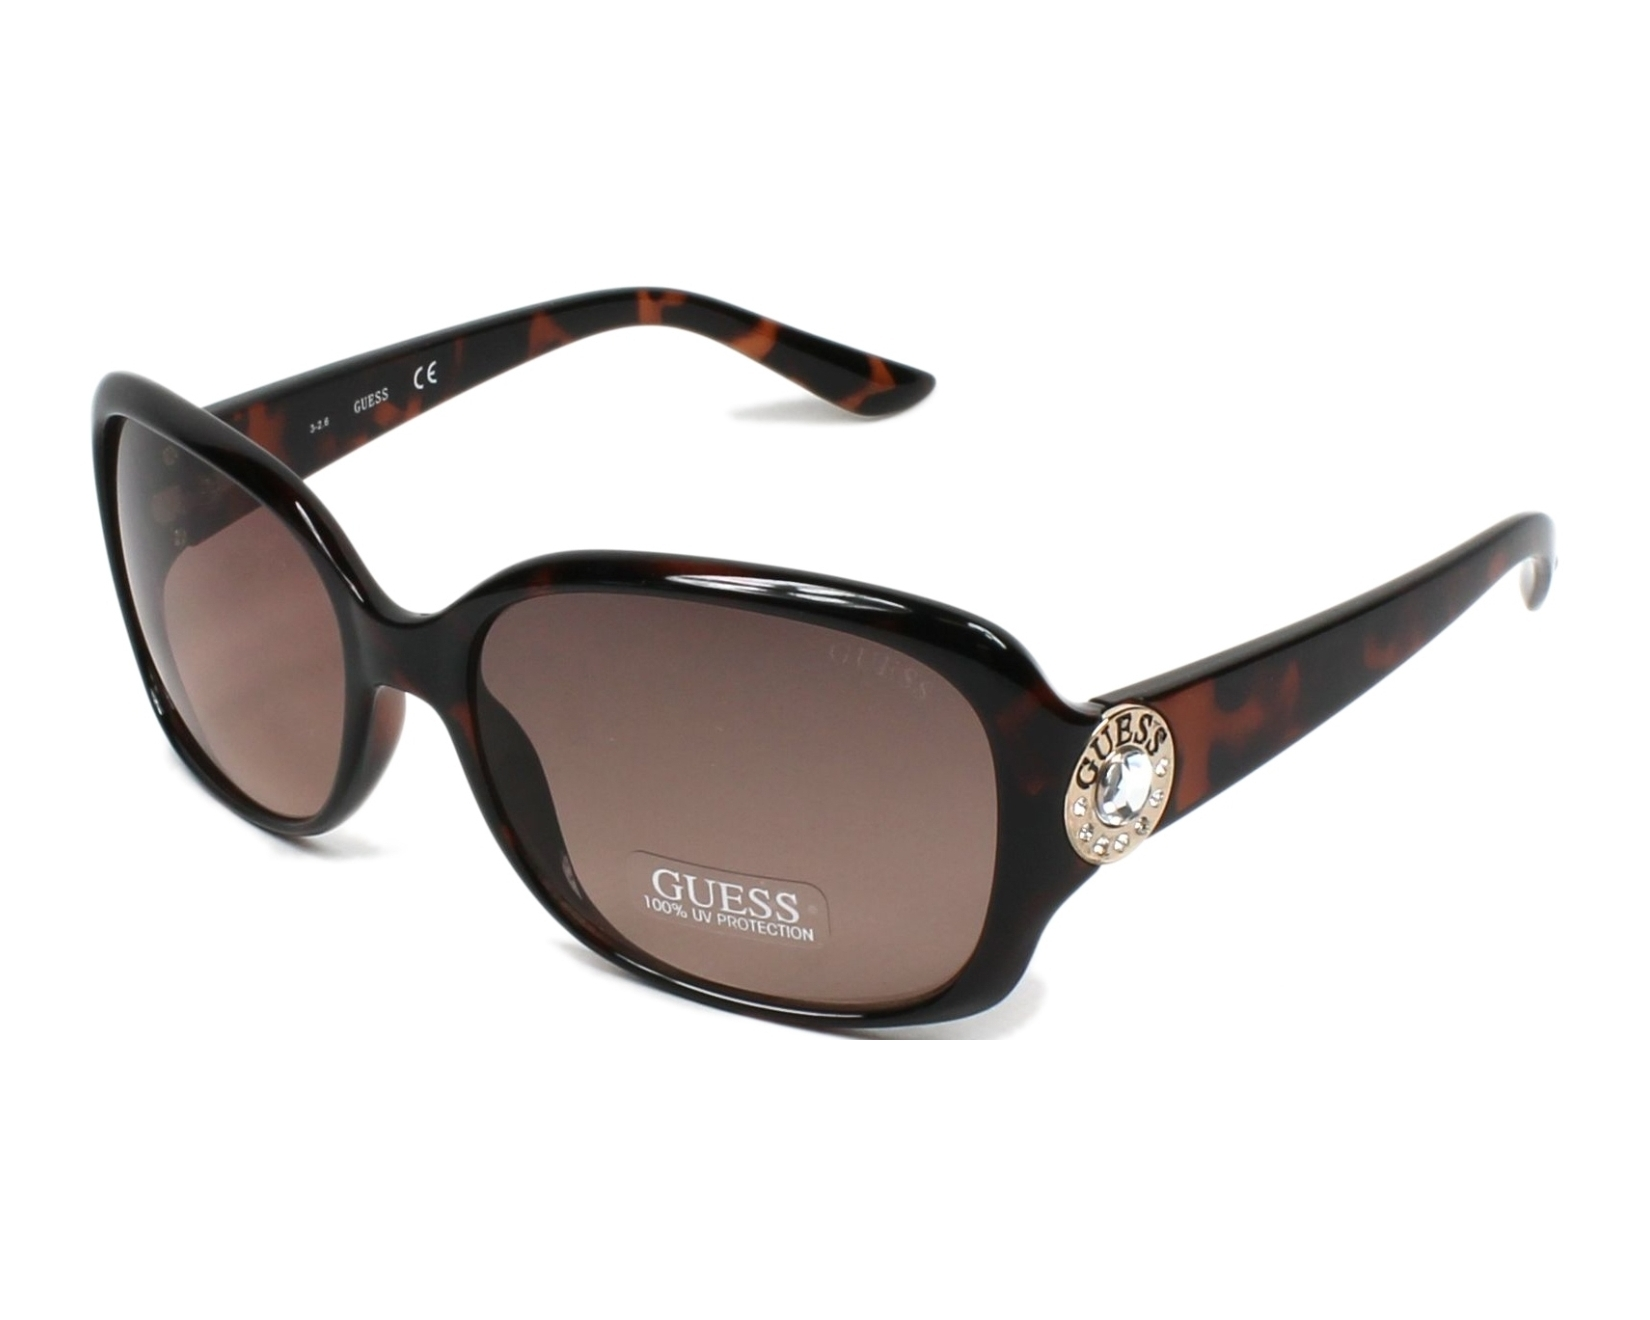 achetez des lunettes de soleil guess gf 0285 havane pas. Black Bedroom Furniture Sets. Home Design Ideas